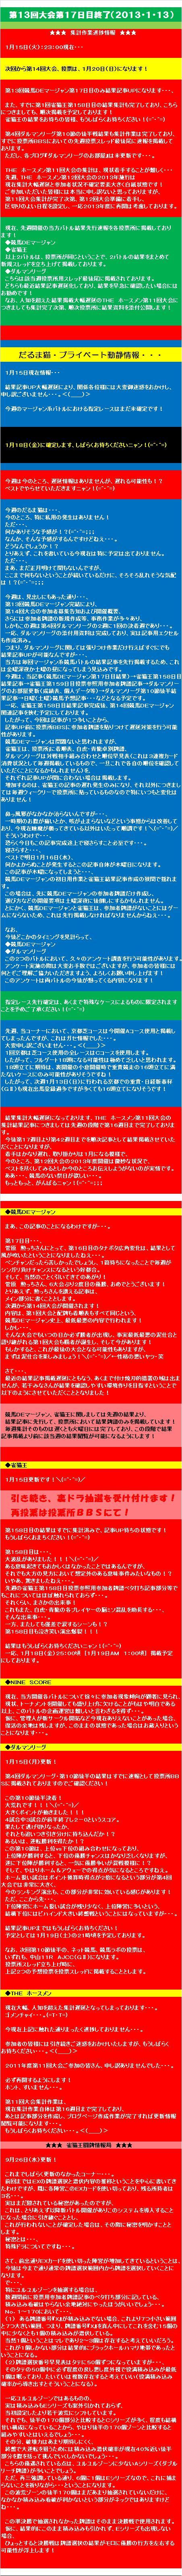 20130119・競馬DEマージャン結果②.jpg